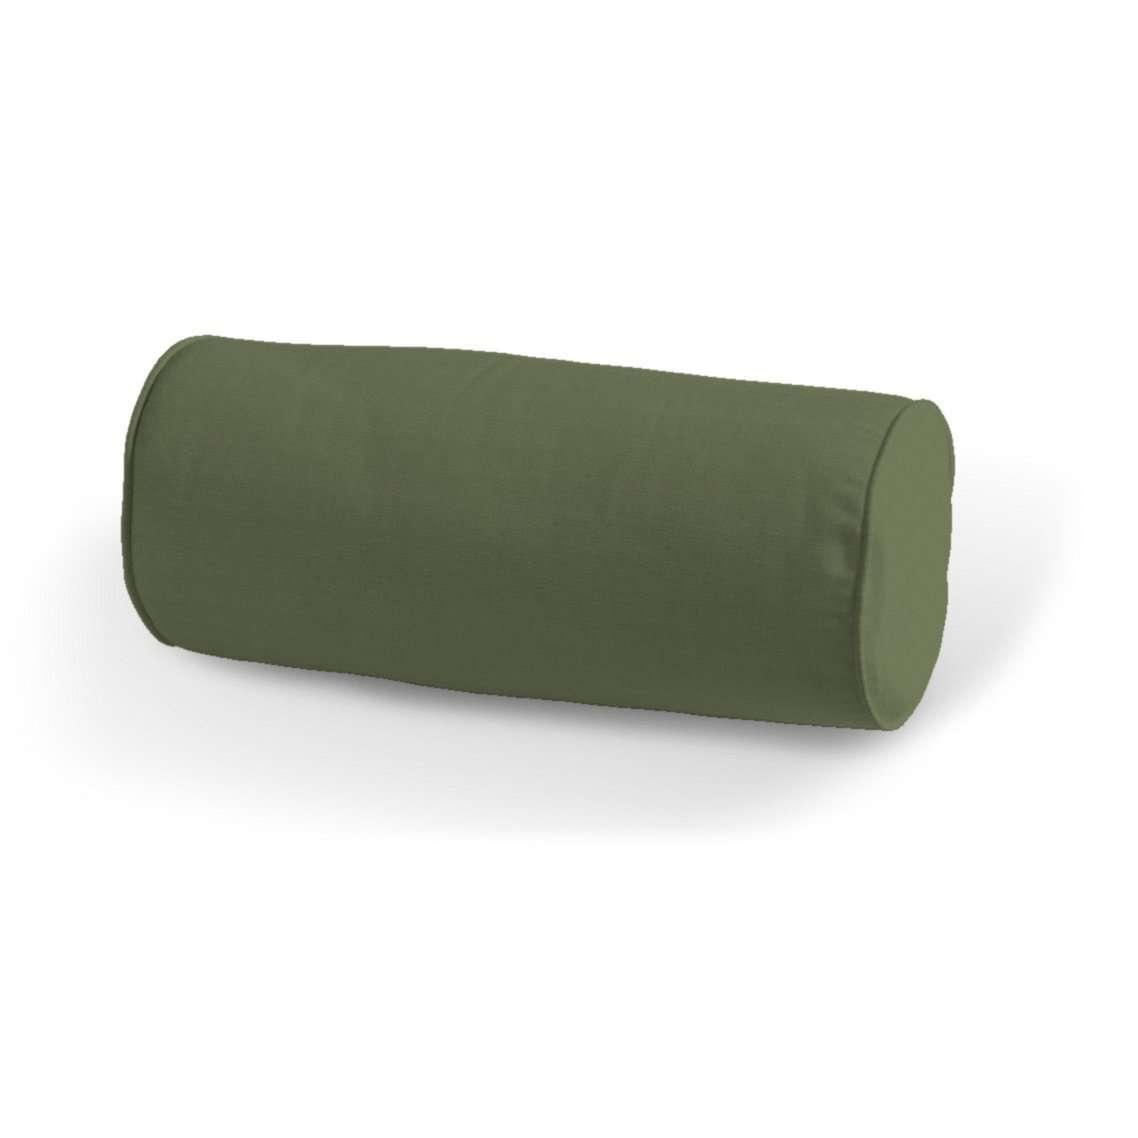 Ritinio formos  pagalvėlė Ø 16 x 40 cm (6 x 16 inch) kolekcijoje Jupiter, audinys: 127-52